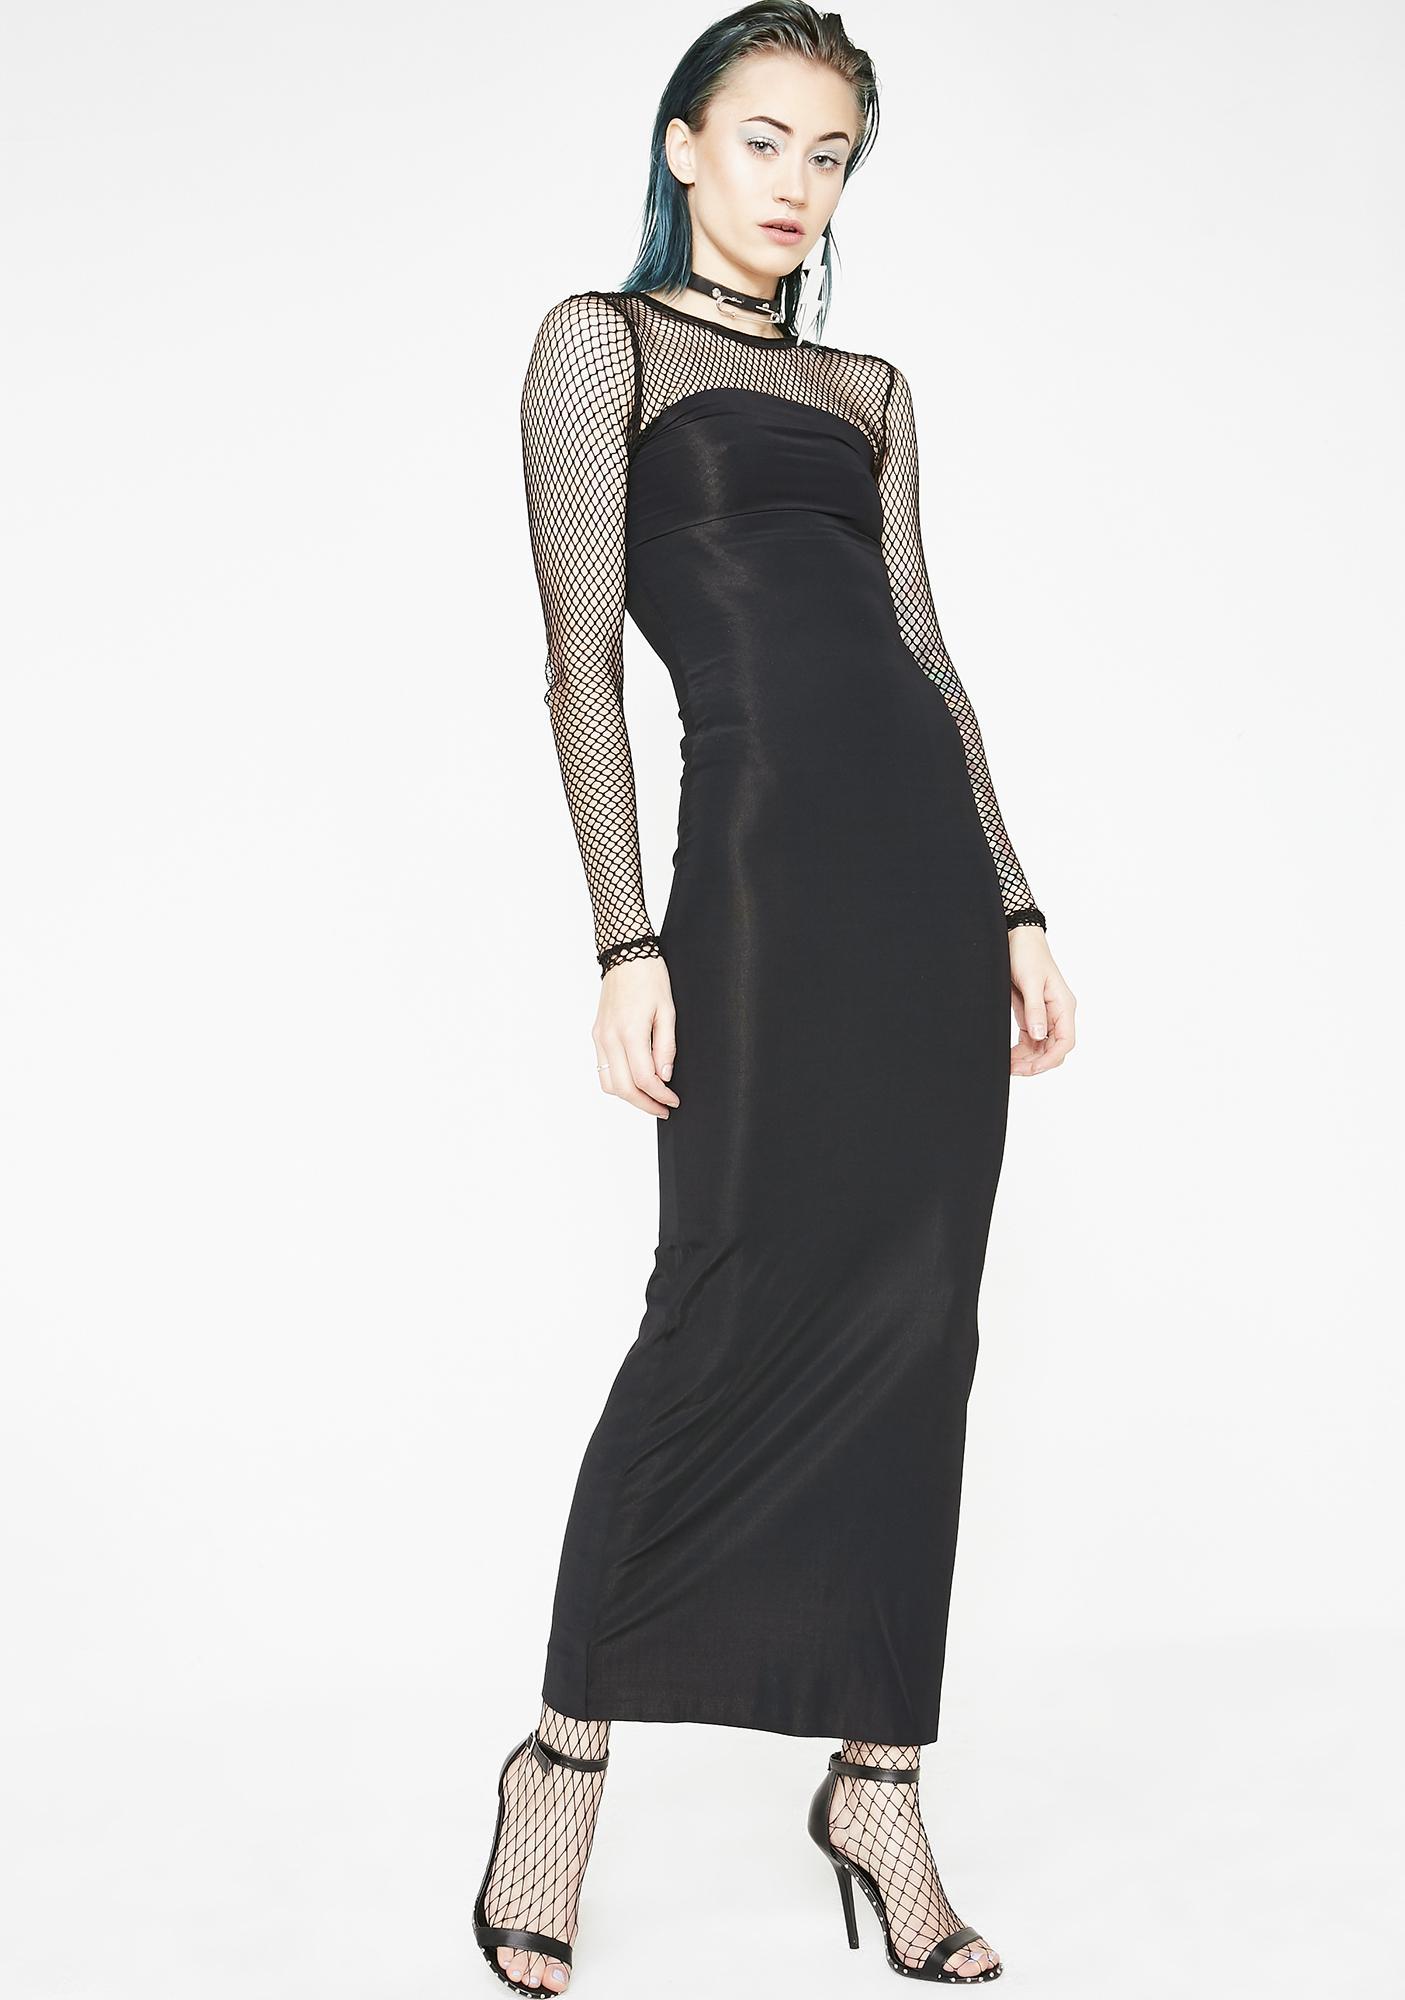 bf80f9e0a0f Kiki Riki Shmoney Moves Maxi Dress